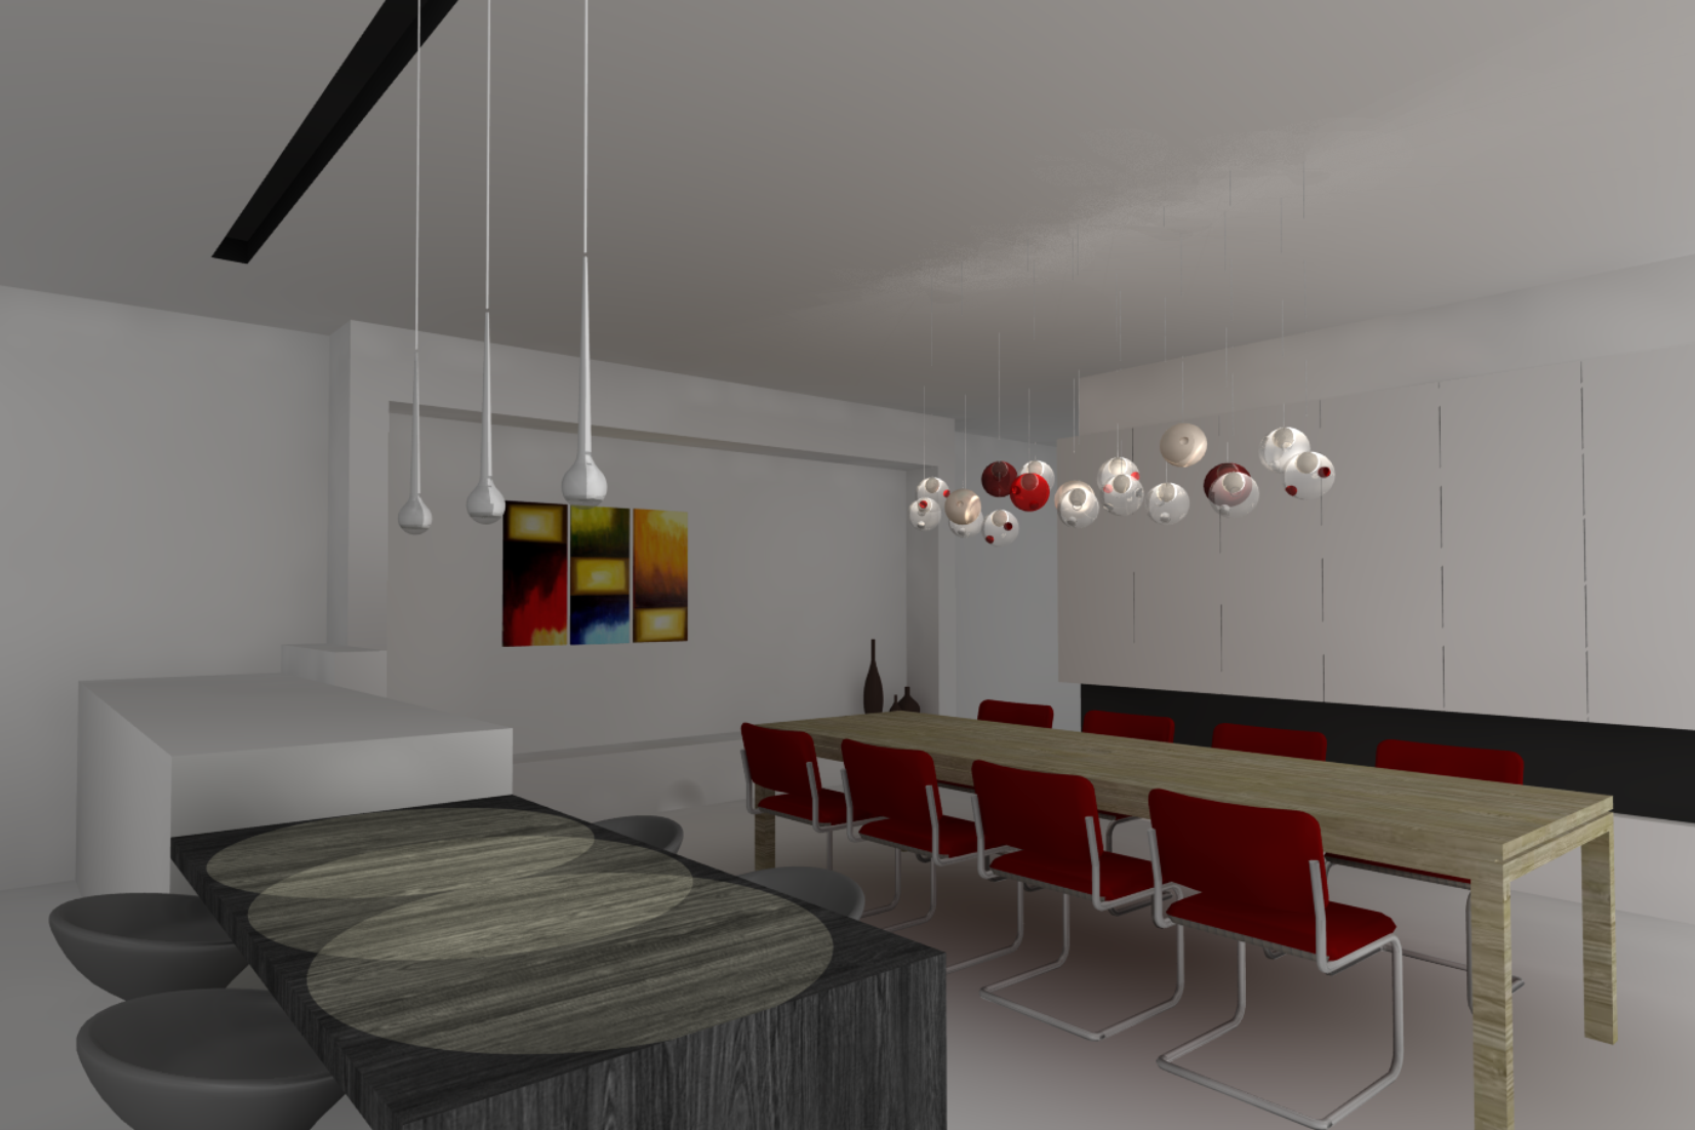 Eetkamer verlichting trendy modo molecuul magische bonen for Moderne verlichting eetkamer